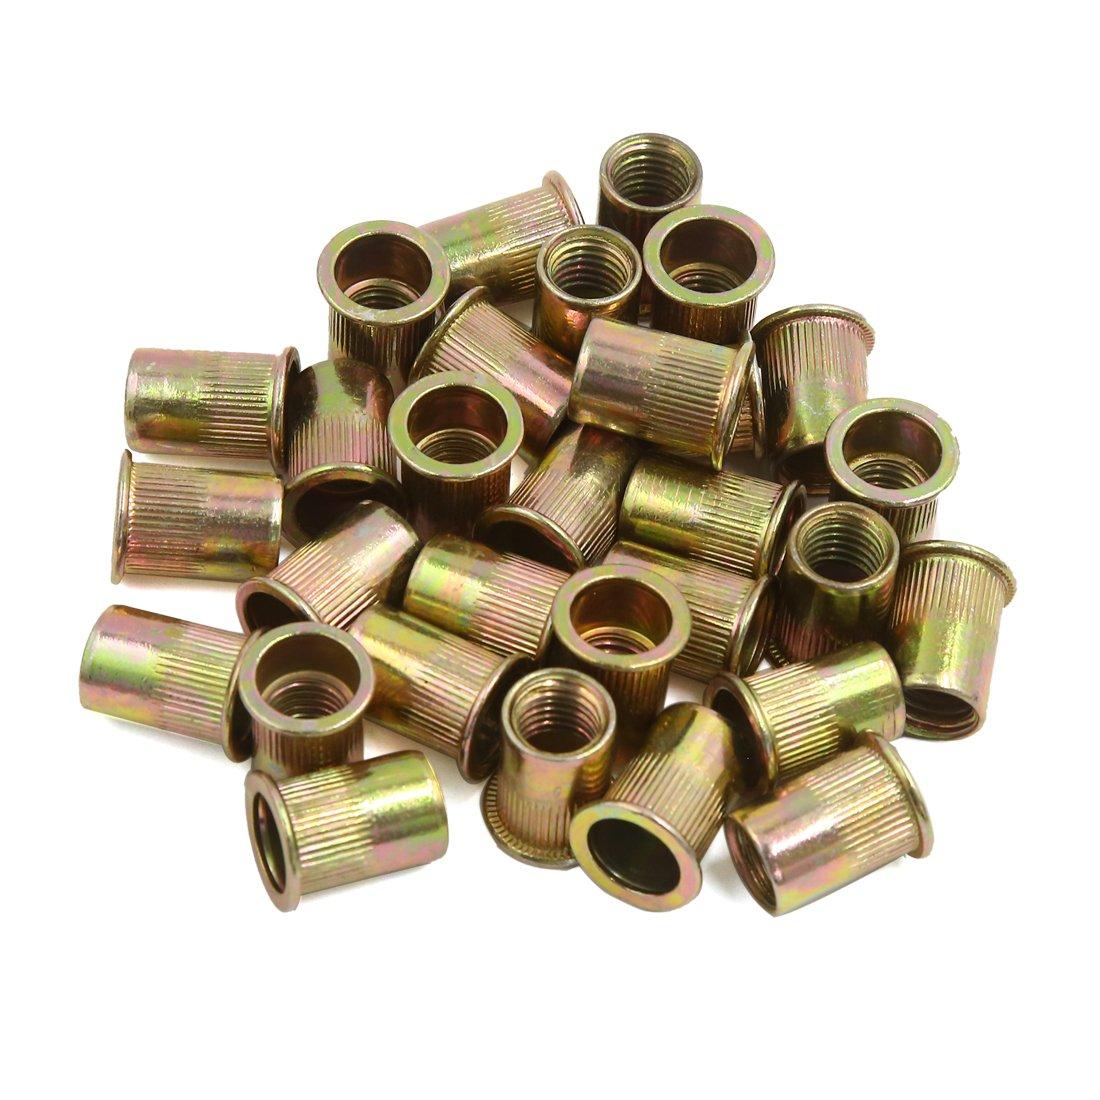 uxcell 30 Pcs M10.5 Bronze Tone Carbon Steel Thread Flat Head Rivet Nut Nutserts